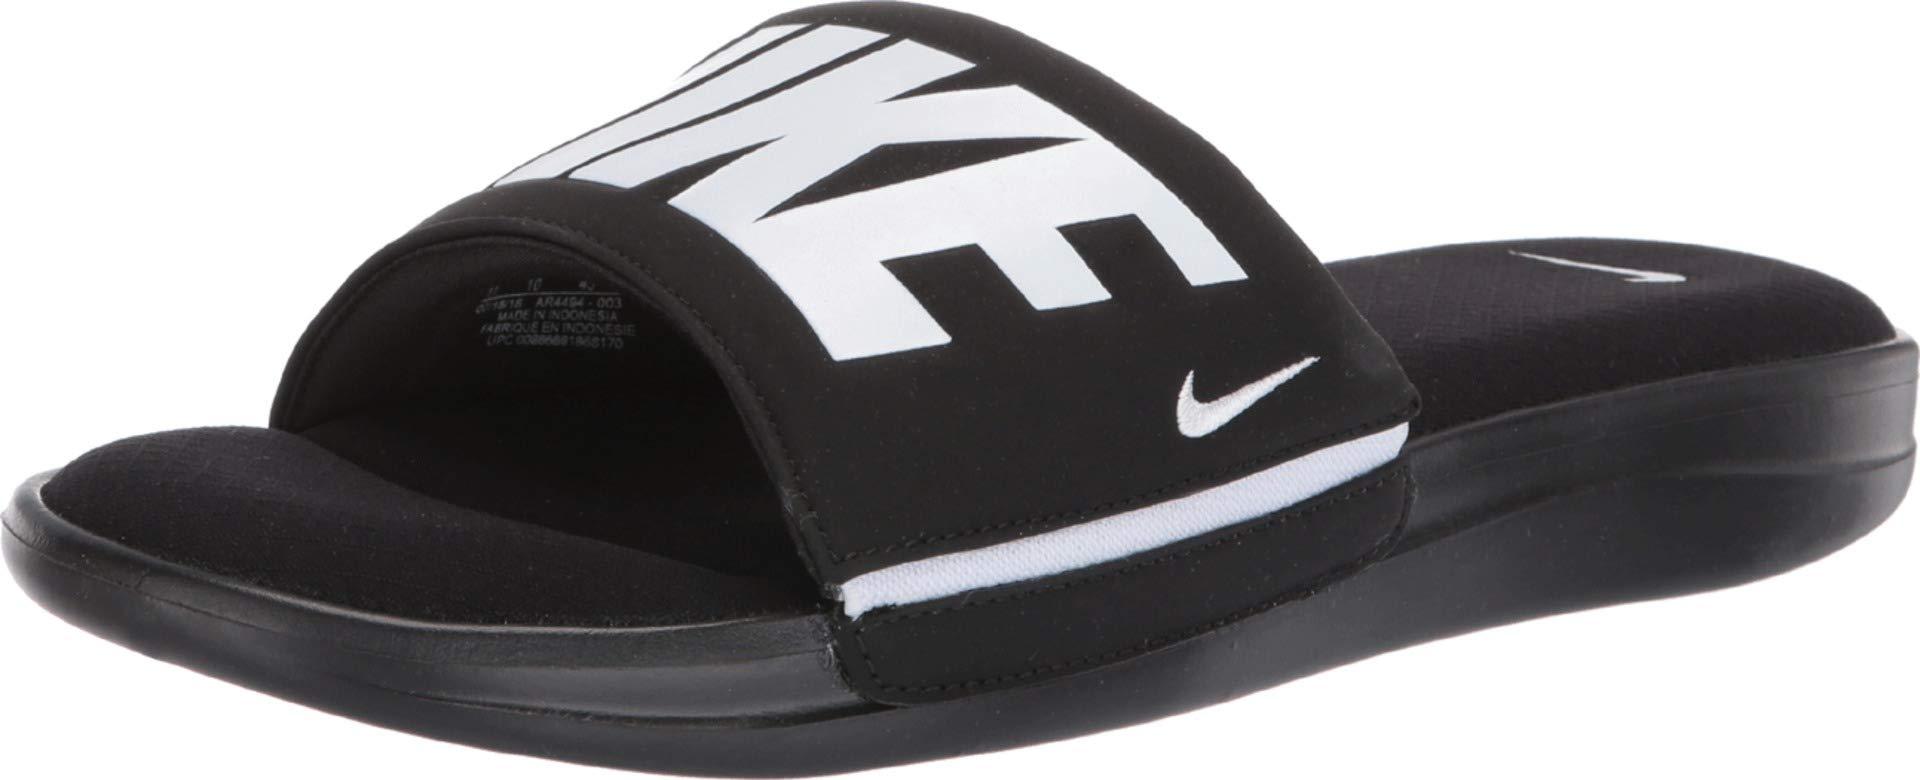 Nike Men's Ultra Comfort 3 Slide Sandal Black/White Size 11 M US by Nike